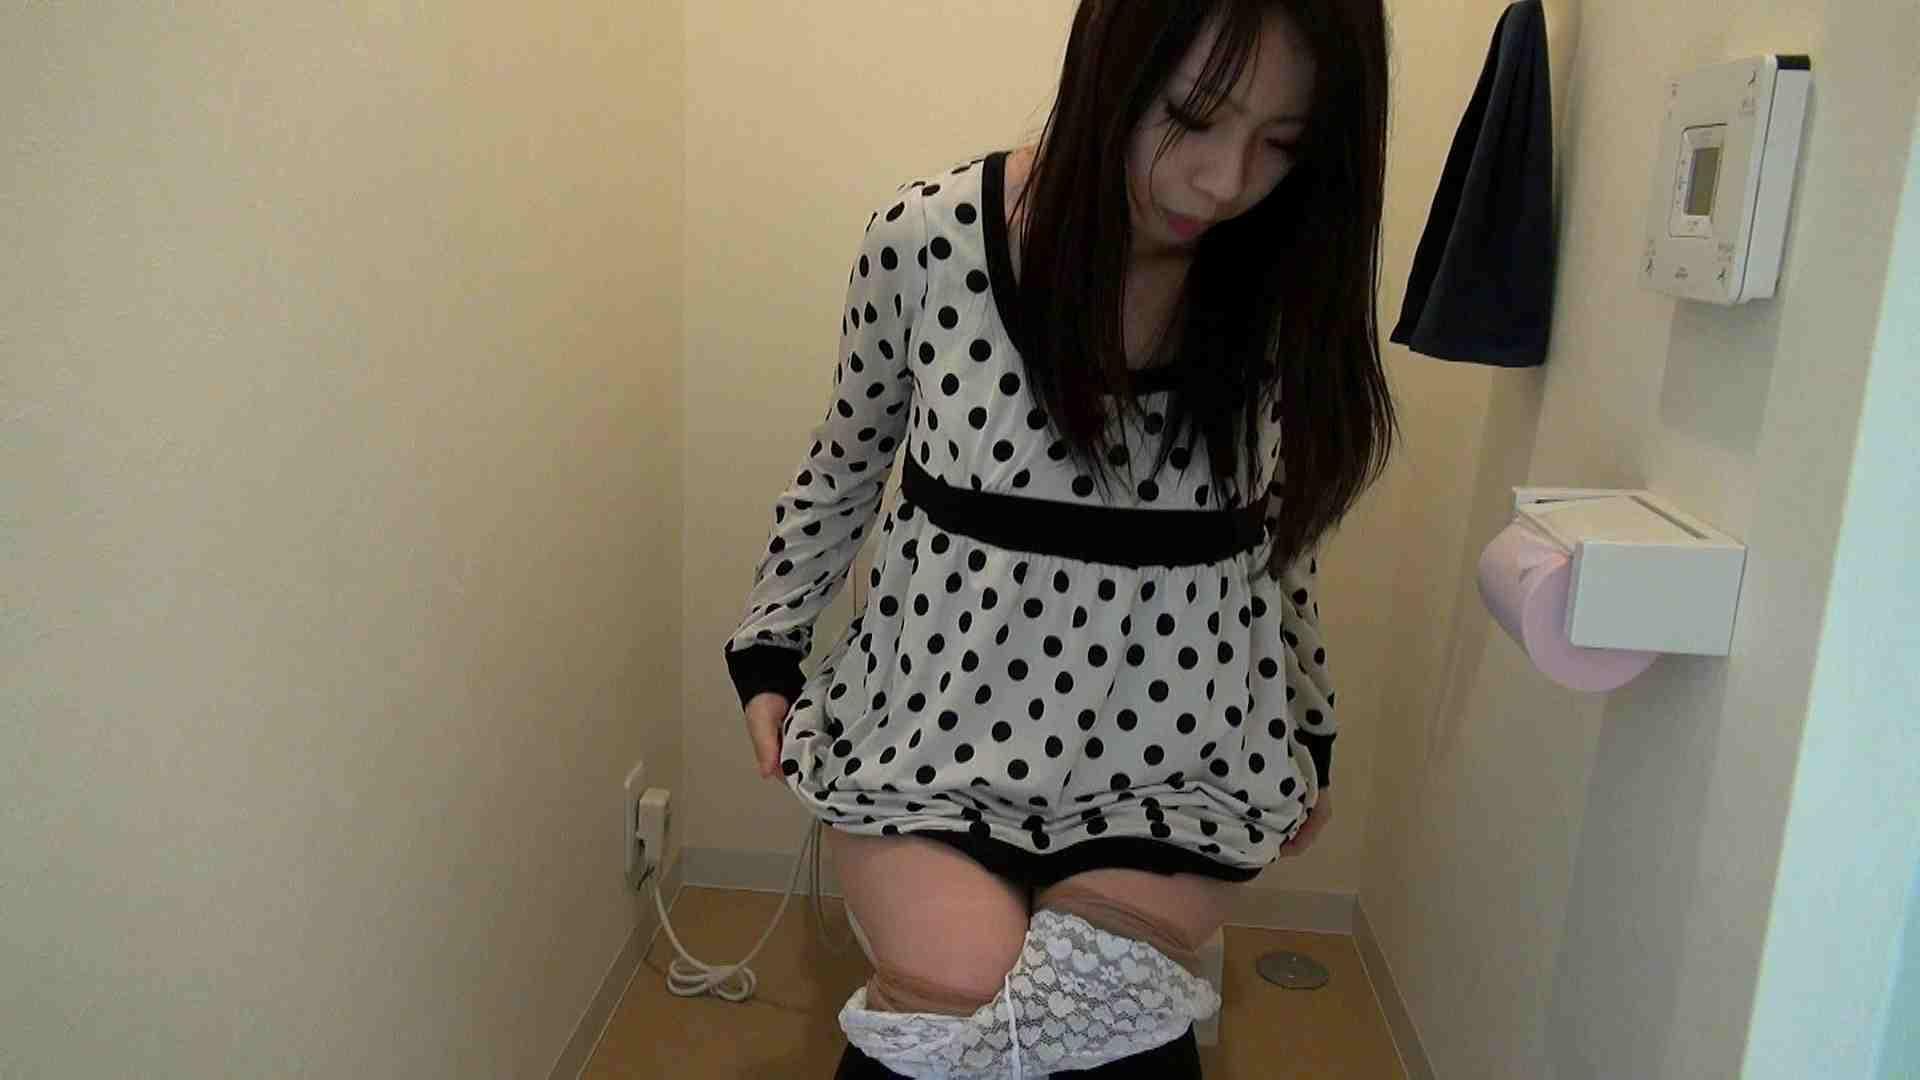 志穂さんにお手洗いに行ってもらいましょう ドキュメント  85連発 17